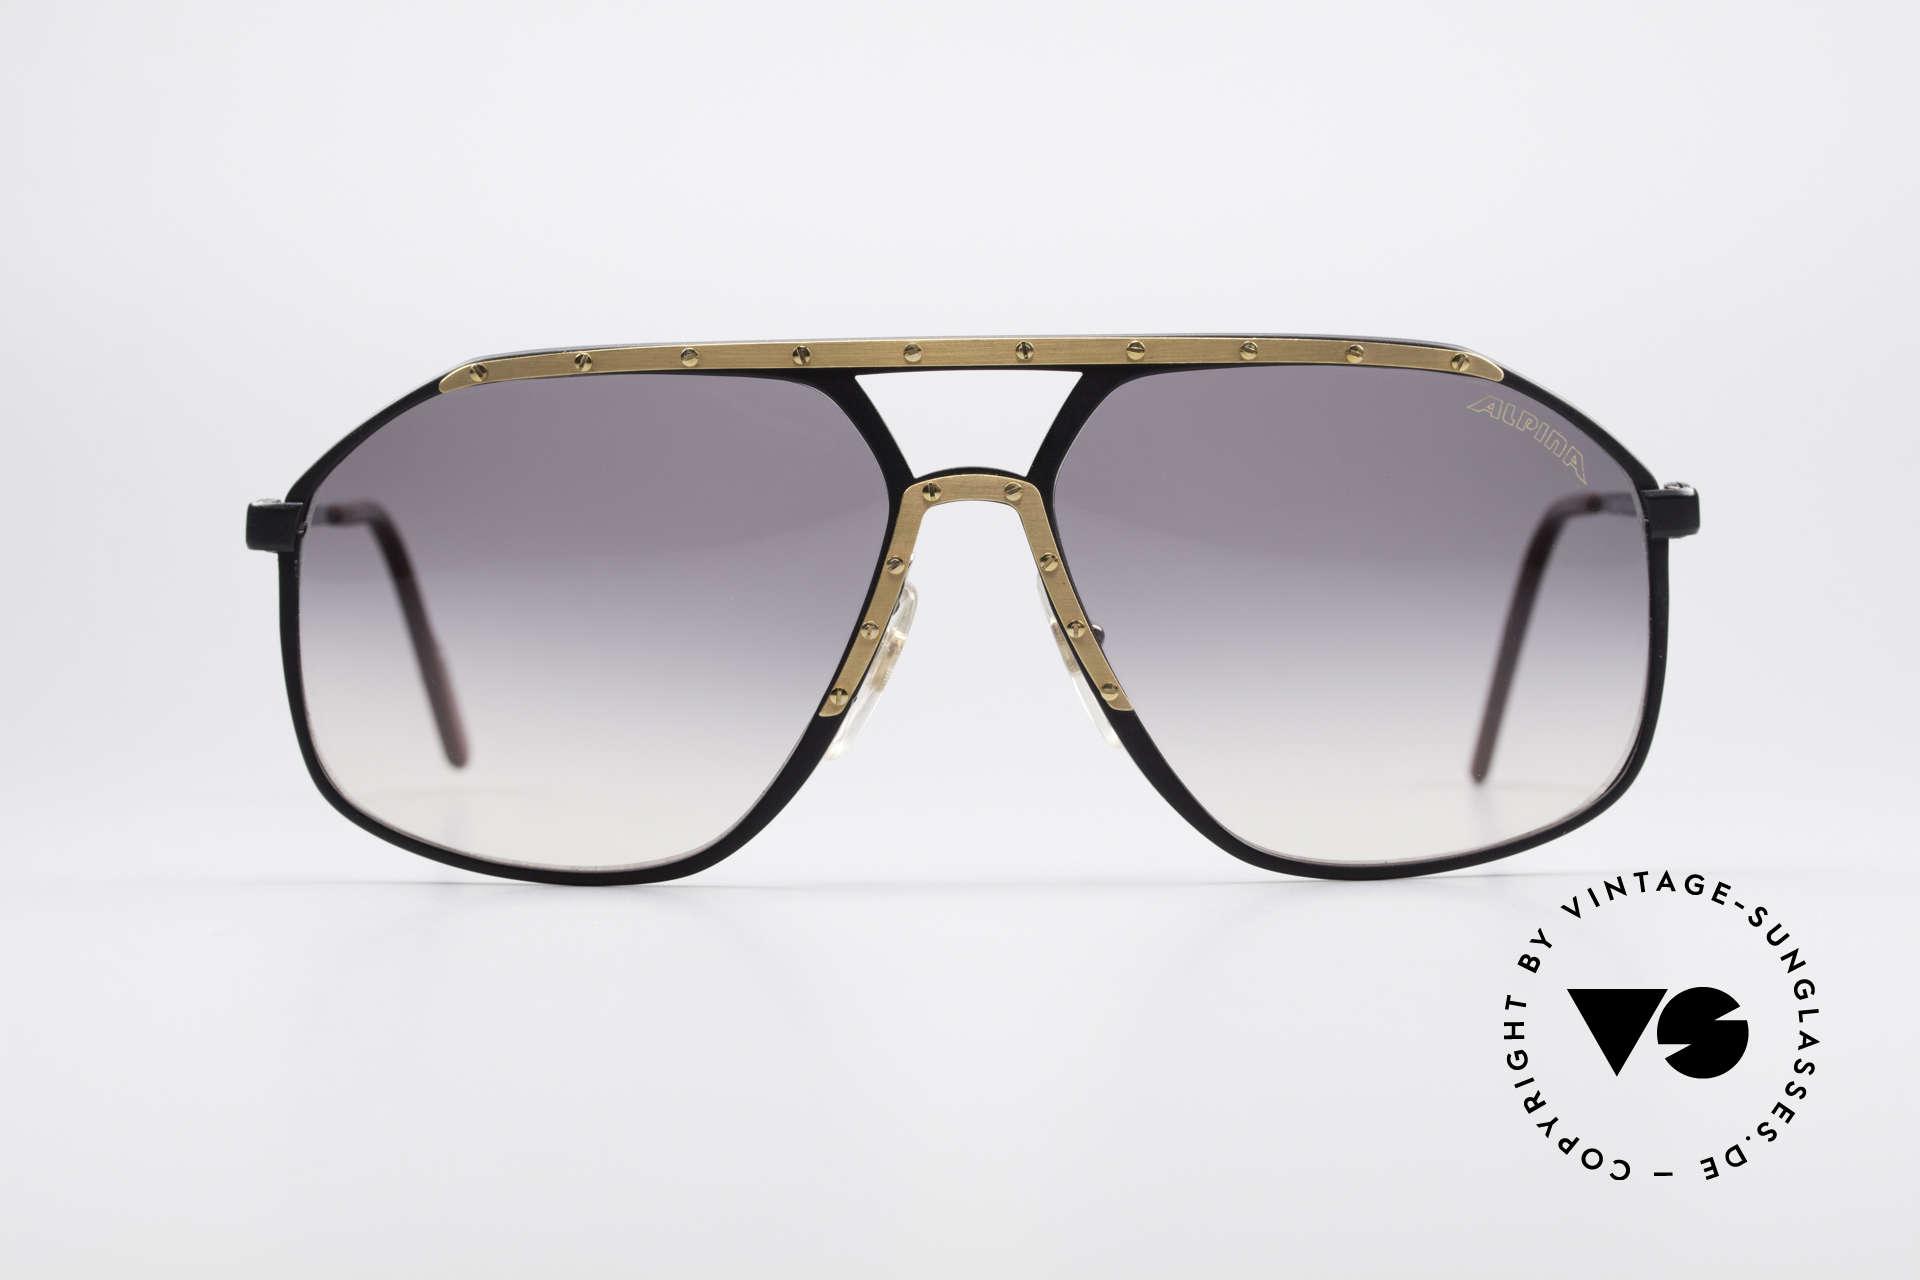 Alpina M1/7 Echte Vintage Sonnenbrille, kostbares ORIGINAL aus den späten 80ern; frühe 90er, Passend für Herren